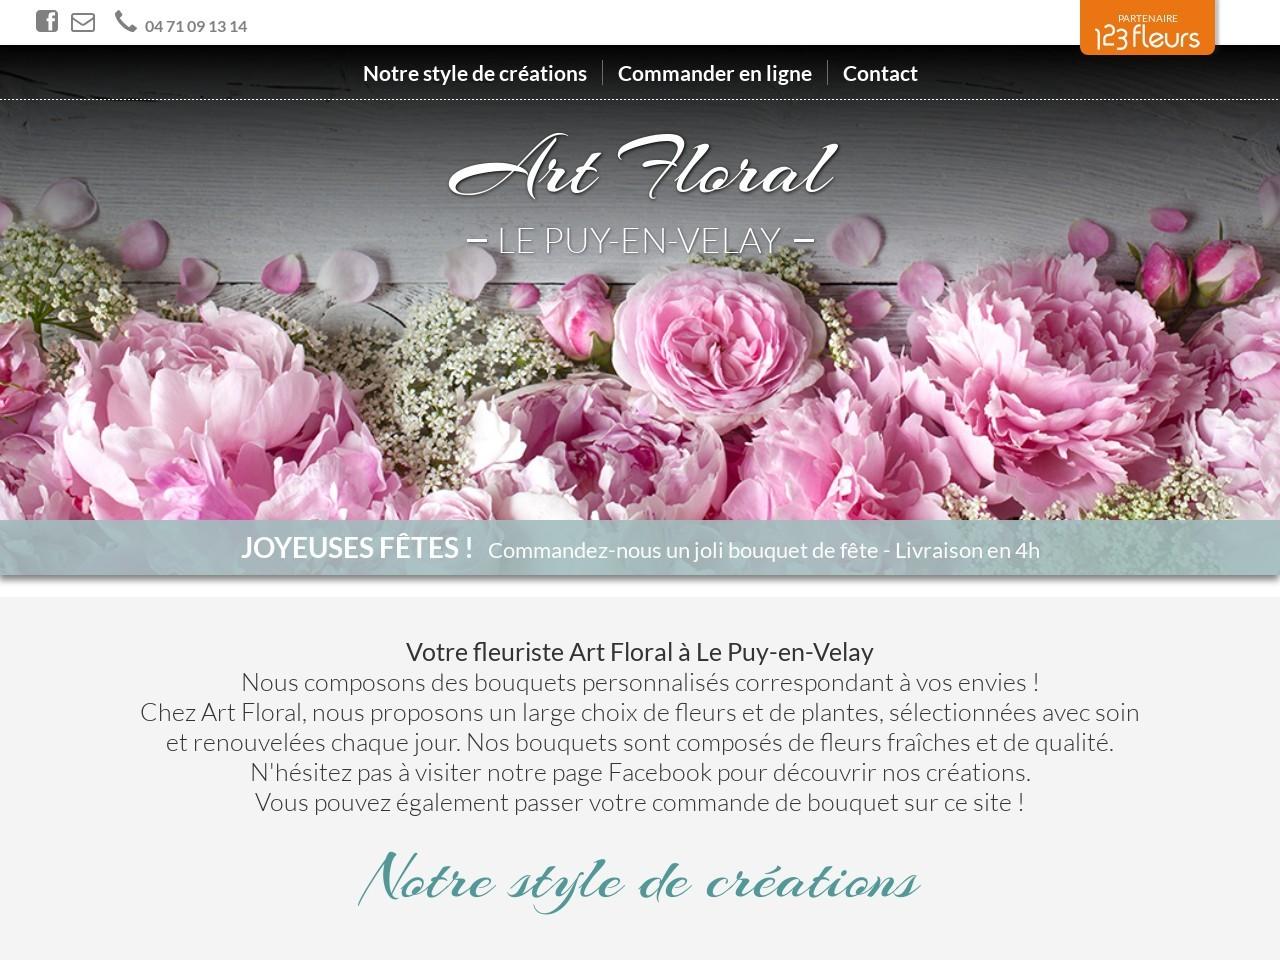 Site fleuriste Art floral - 123fleurs